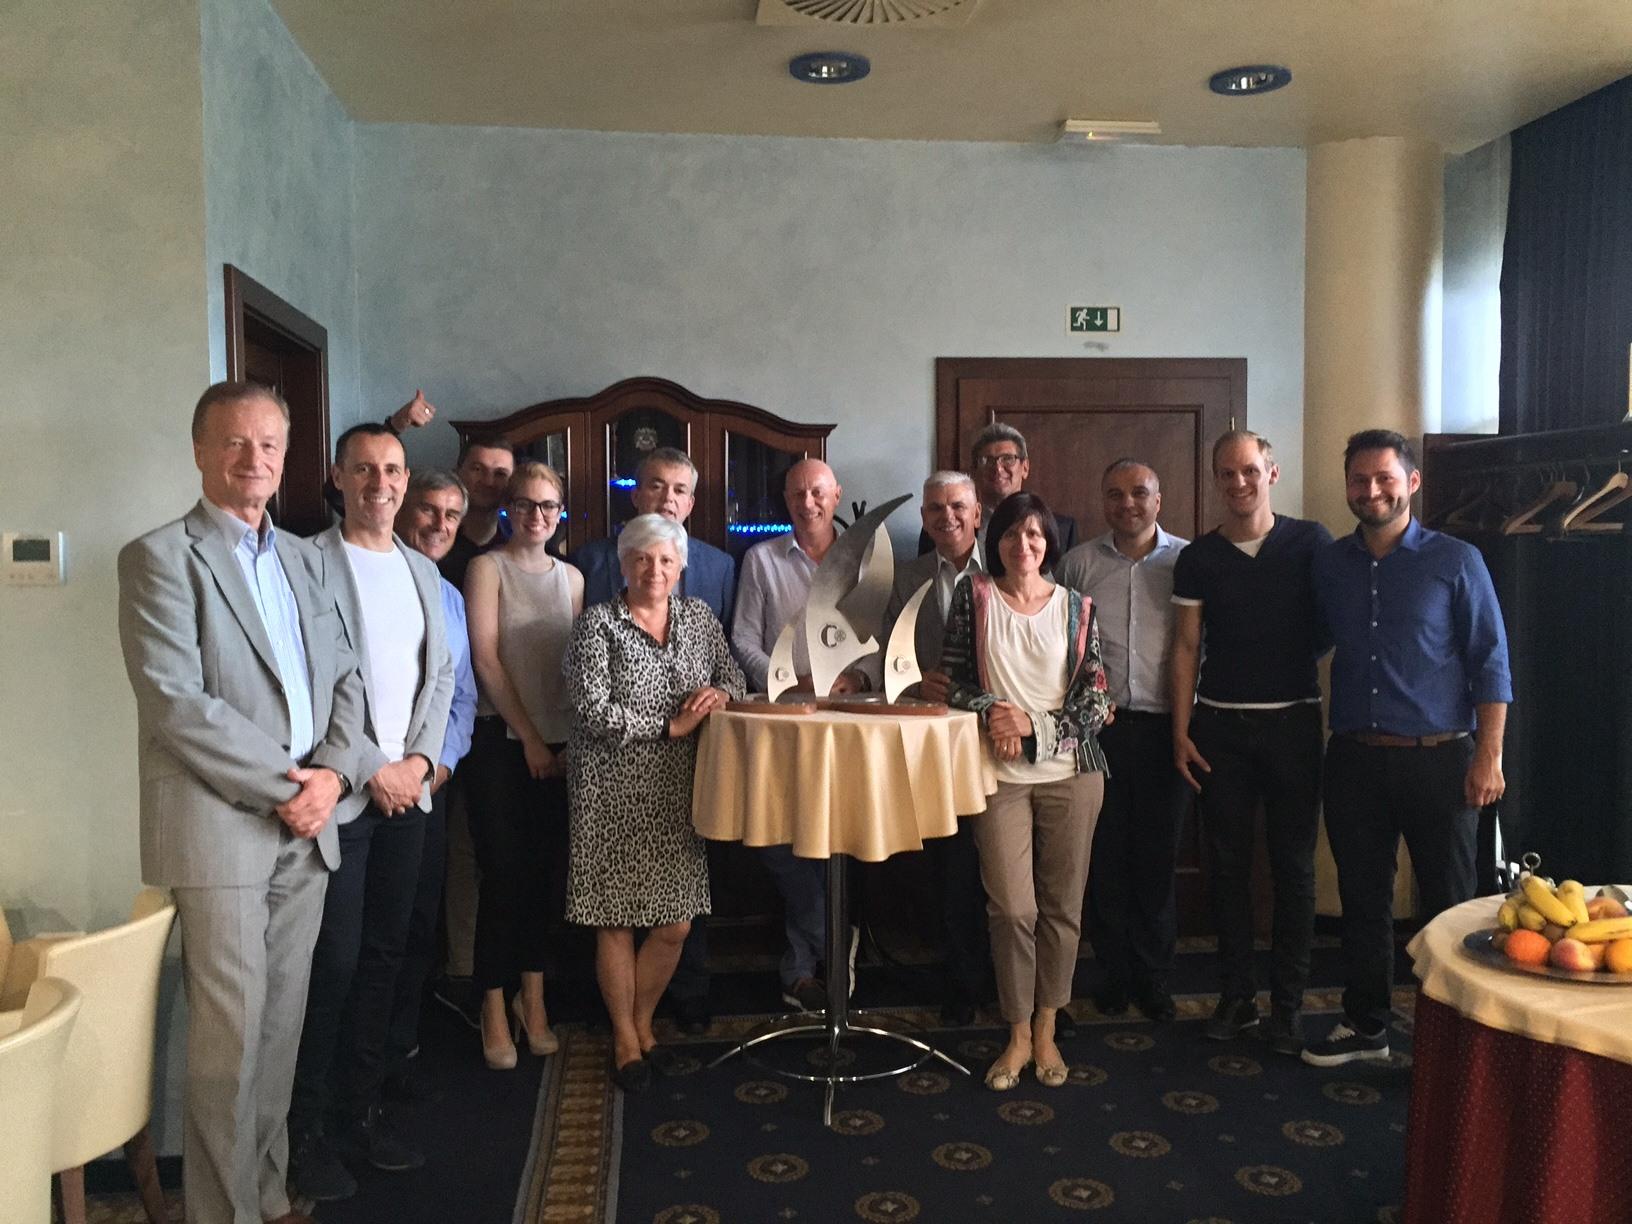 Sestanek Rotaract junij 2016